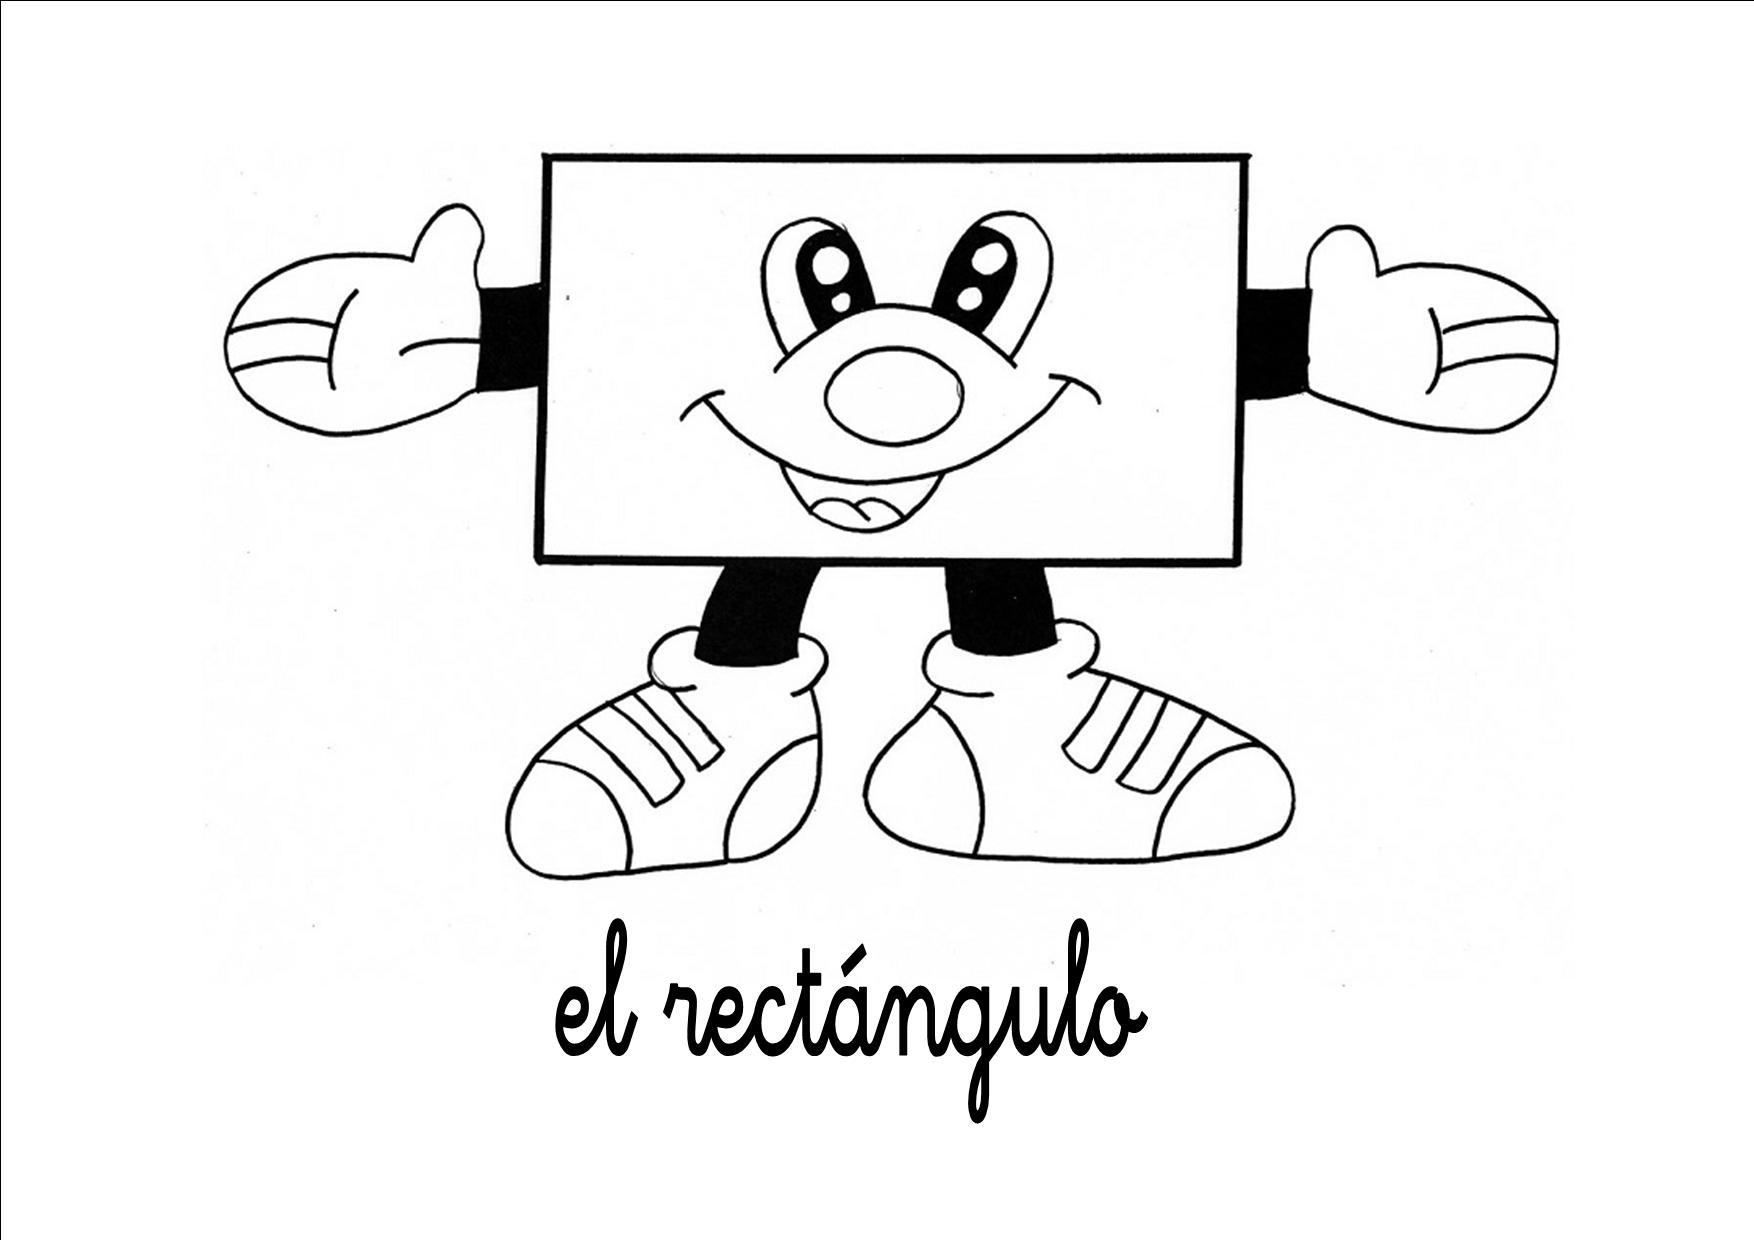 rectangulo1